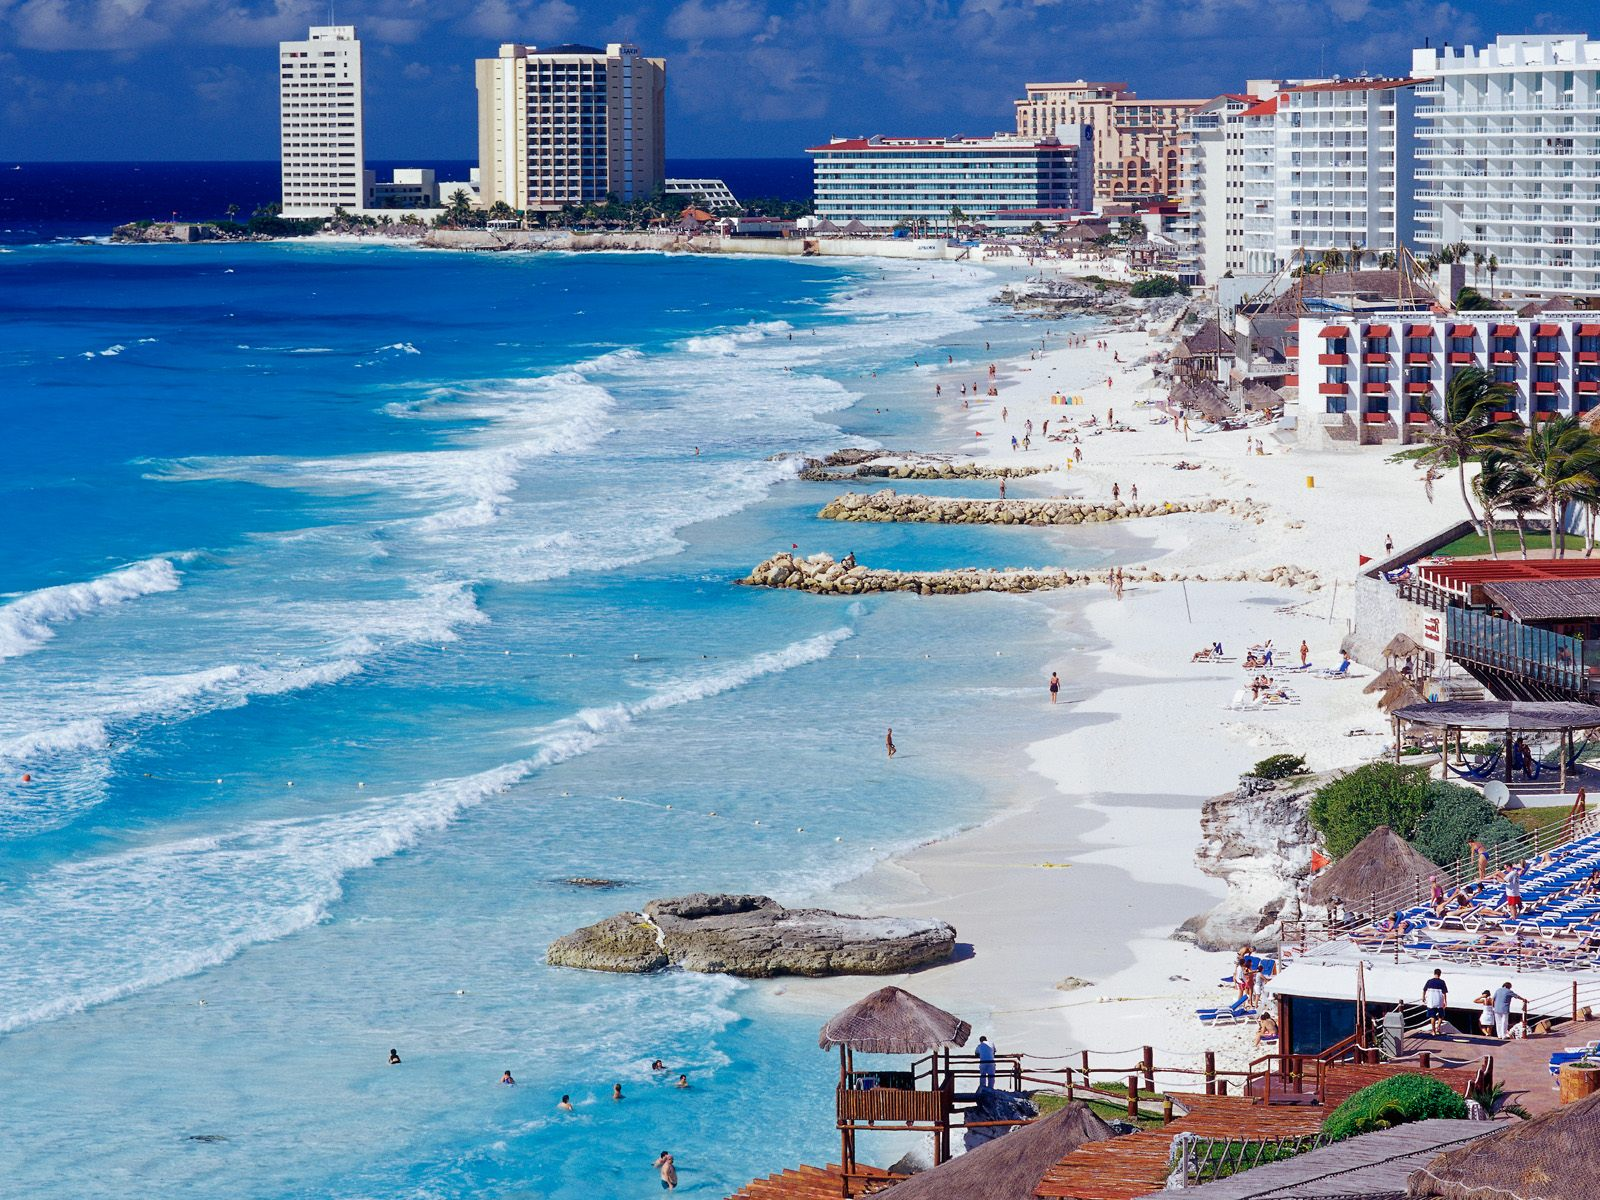 http://1.bp.blogspot.com/-cx_wjS61AfY/TWFejiTnCqI/AAAAAAAAEwQ/CRHCseVM9oM/s1600/Cancun_Shoreline_Mexico.jpg